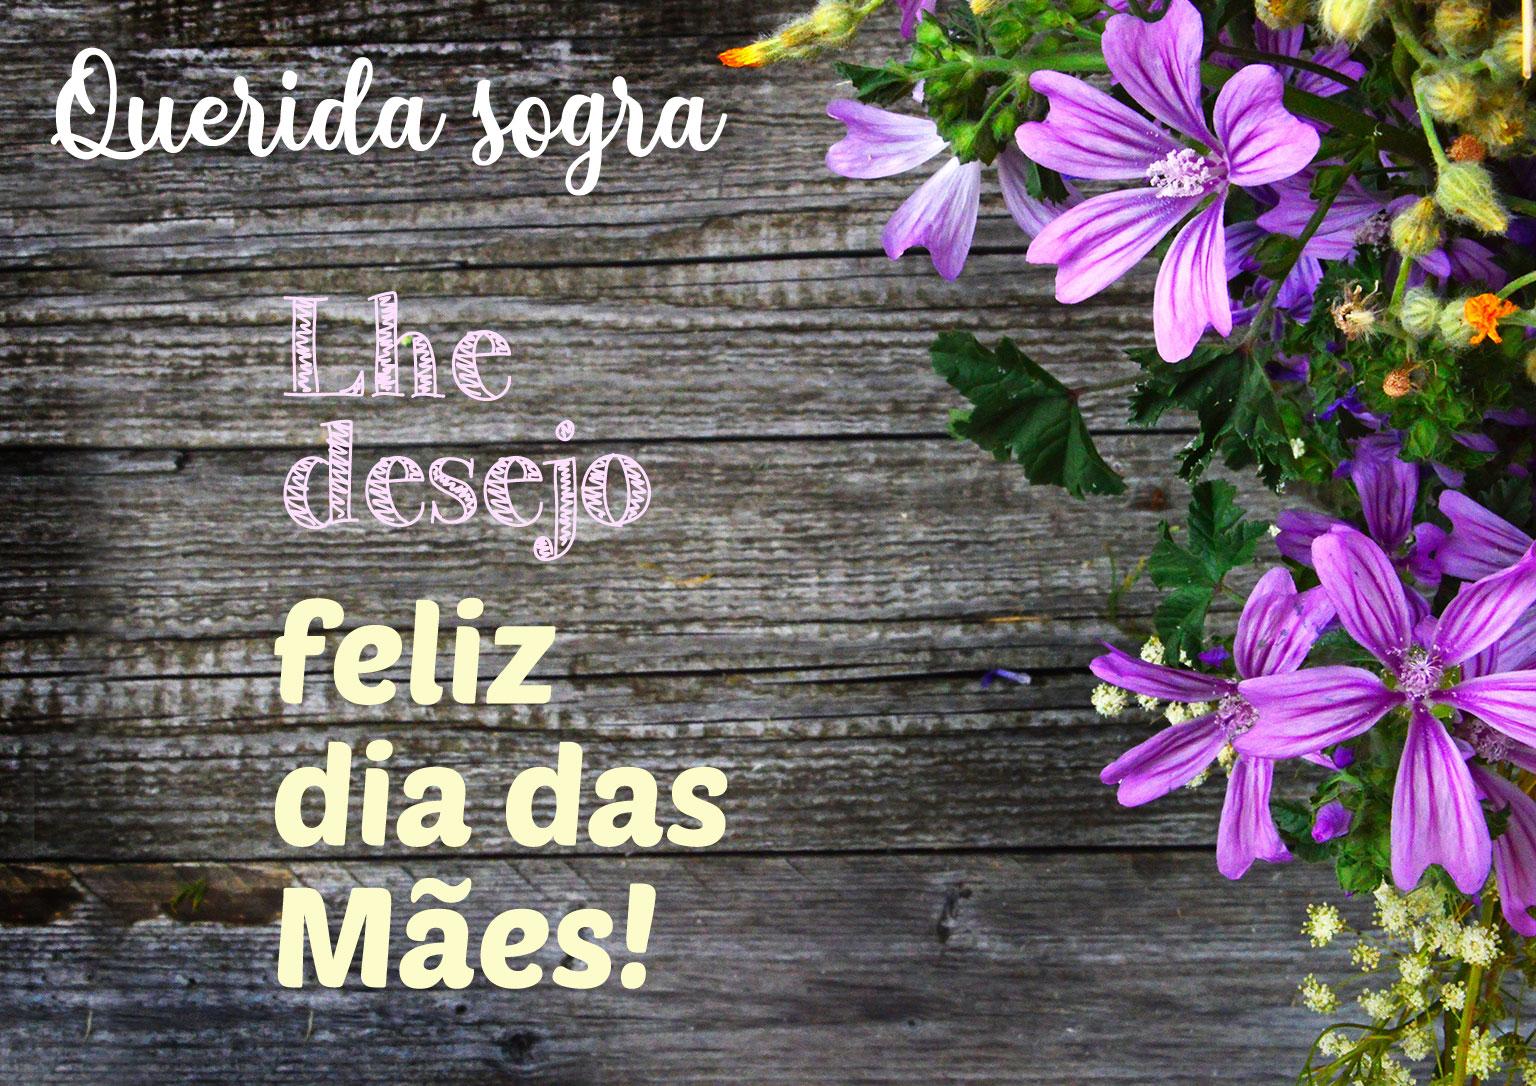 Querida sogra lhe desejo Feliz dia das Mães